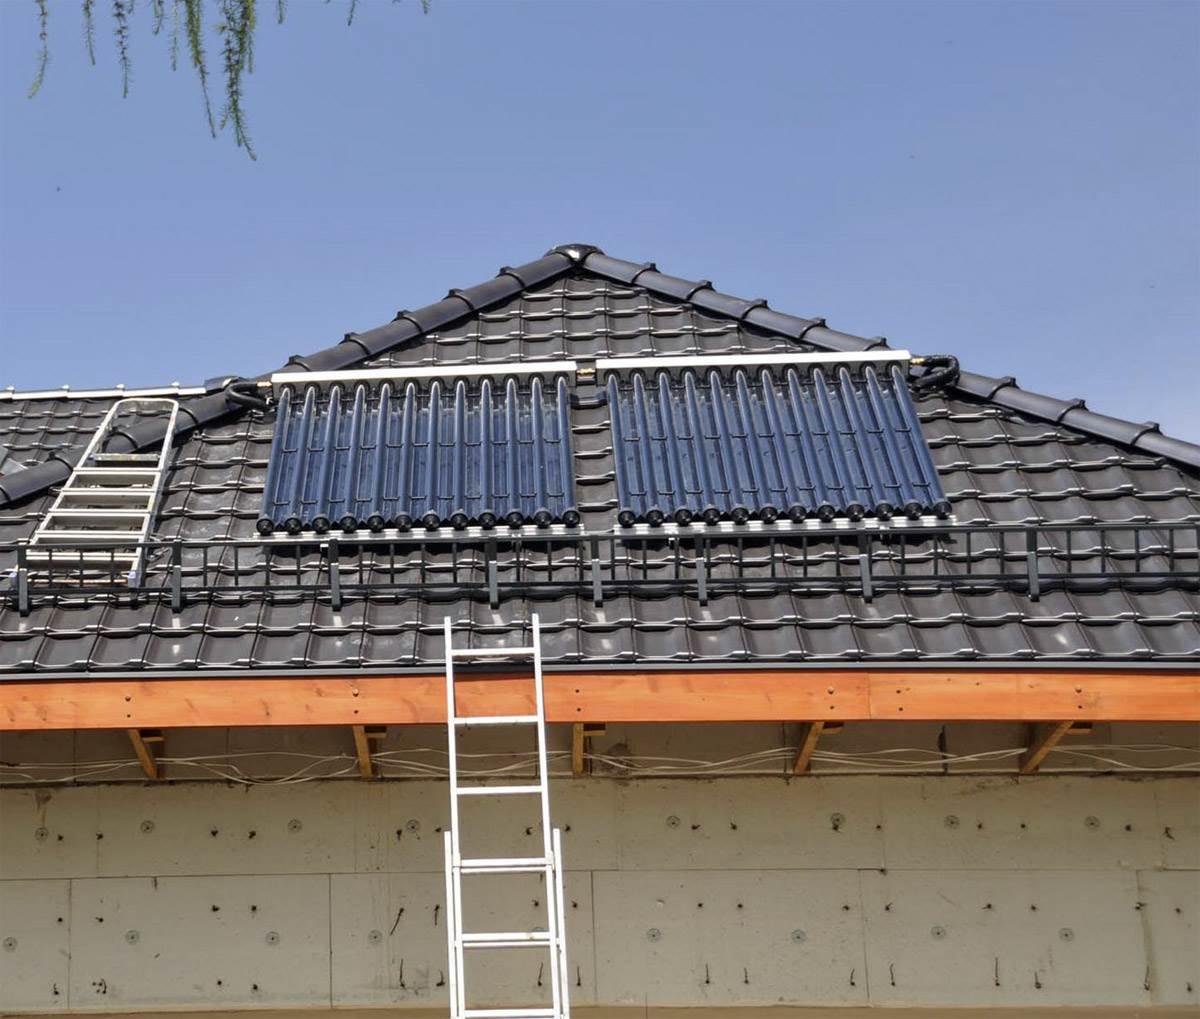 optymalizacja pracy instalacji solarnej - Optymalizacja pracy instalacji solarnej i zagospodarowanie nadprodukcji energii